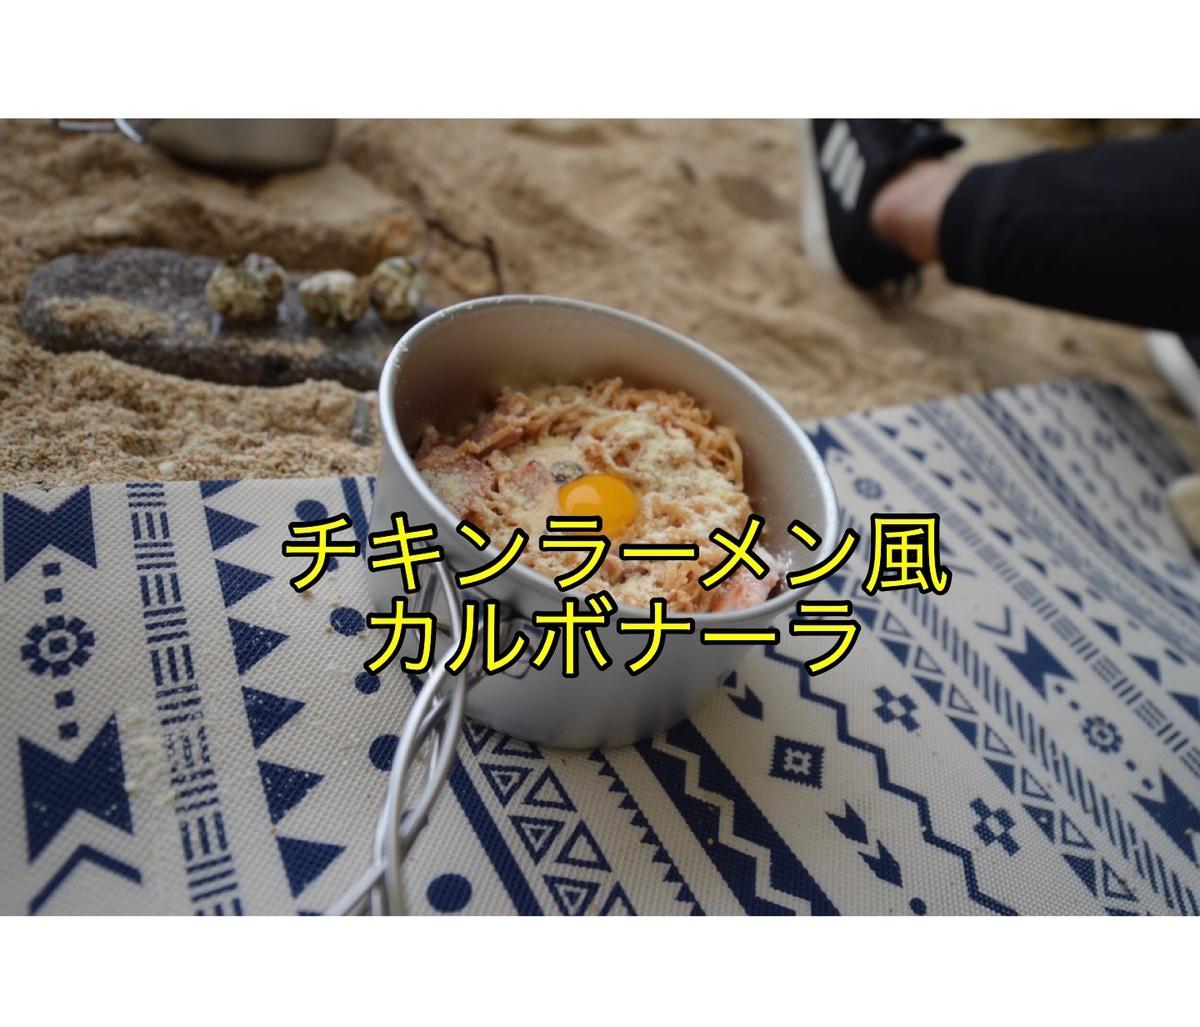 f:id:ushisaku:20190430152721j:plain